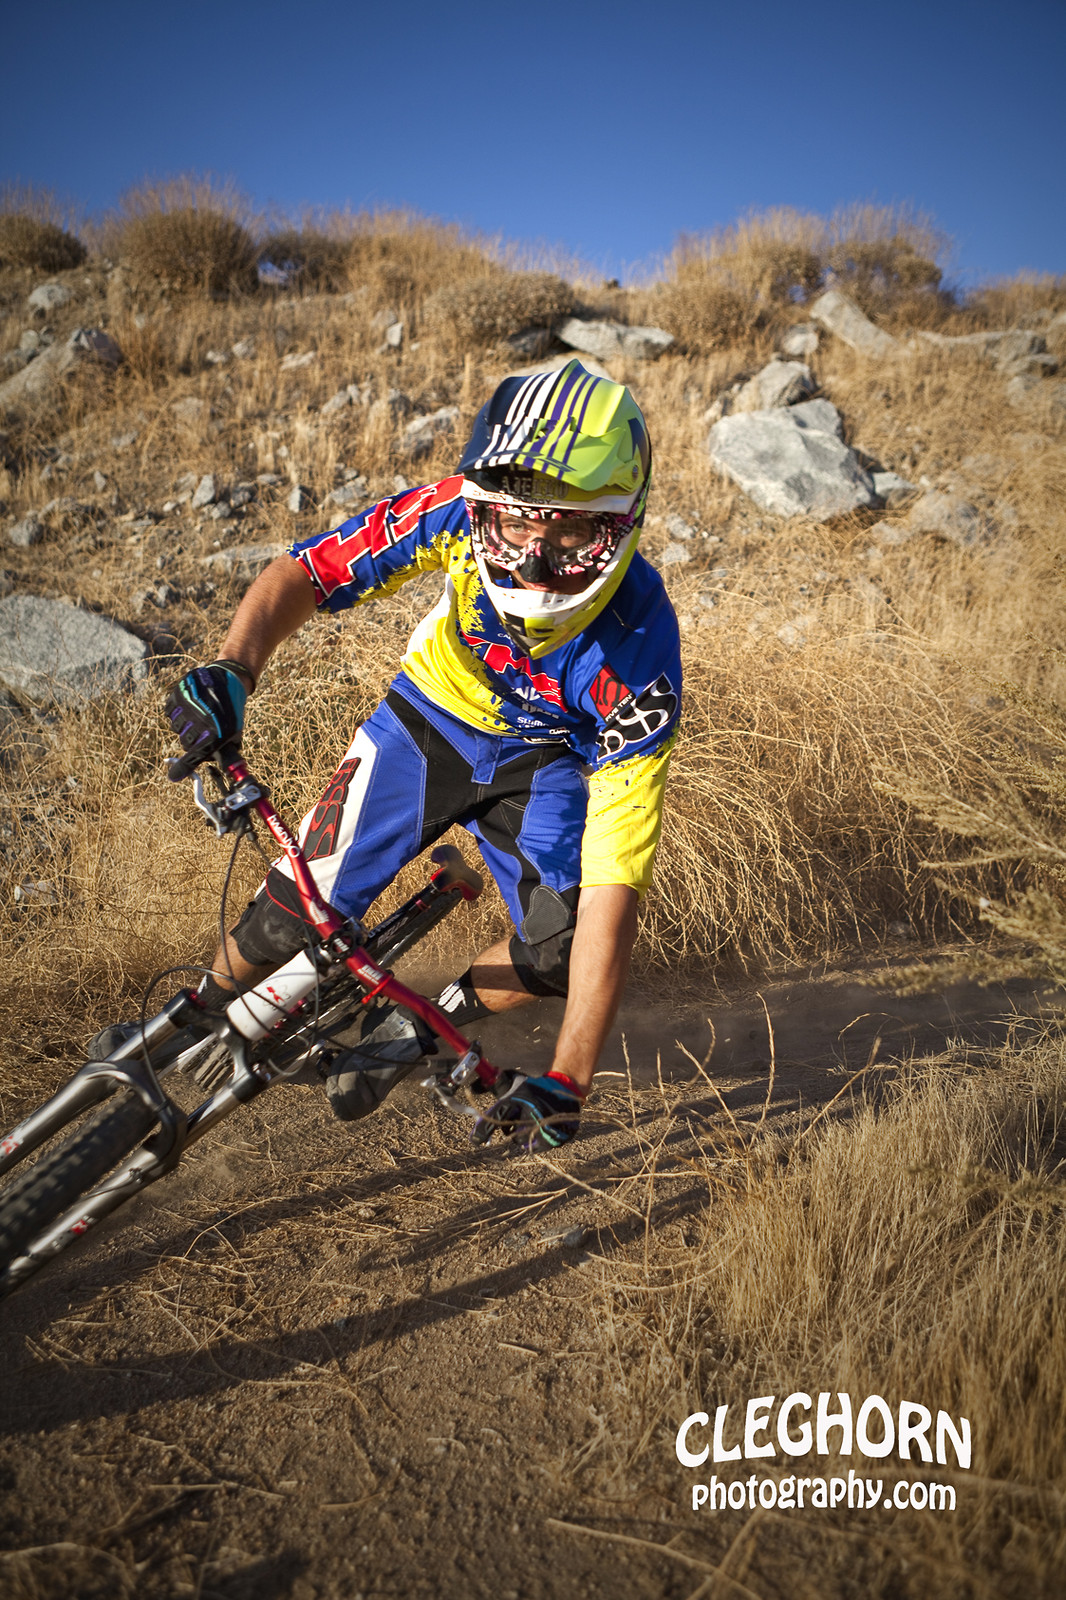 Kevin Aiello - Cleghorn Photography - Mountain Biking Pictures - Vital MTB